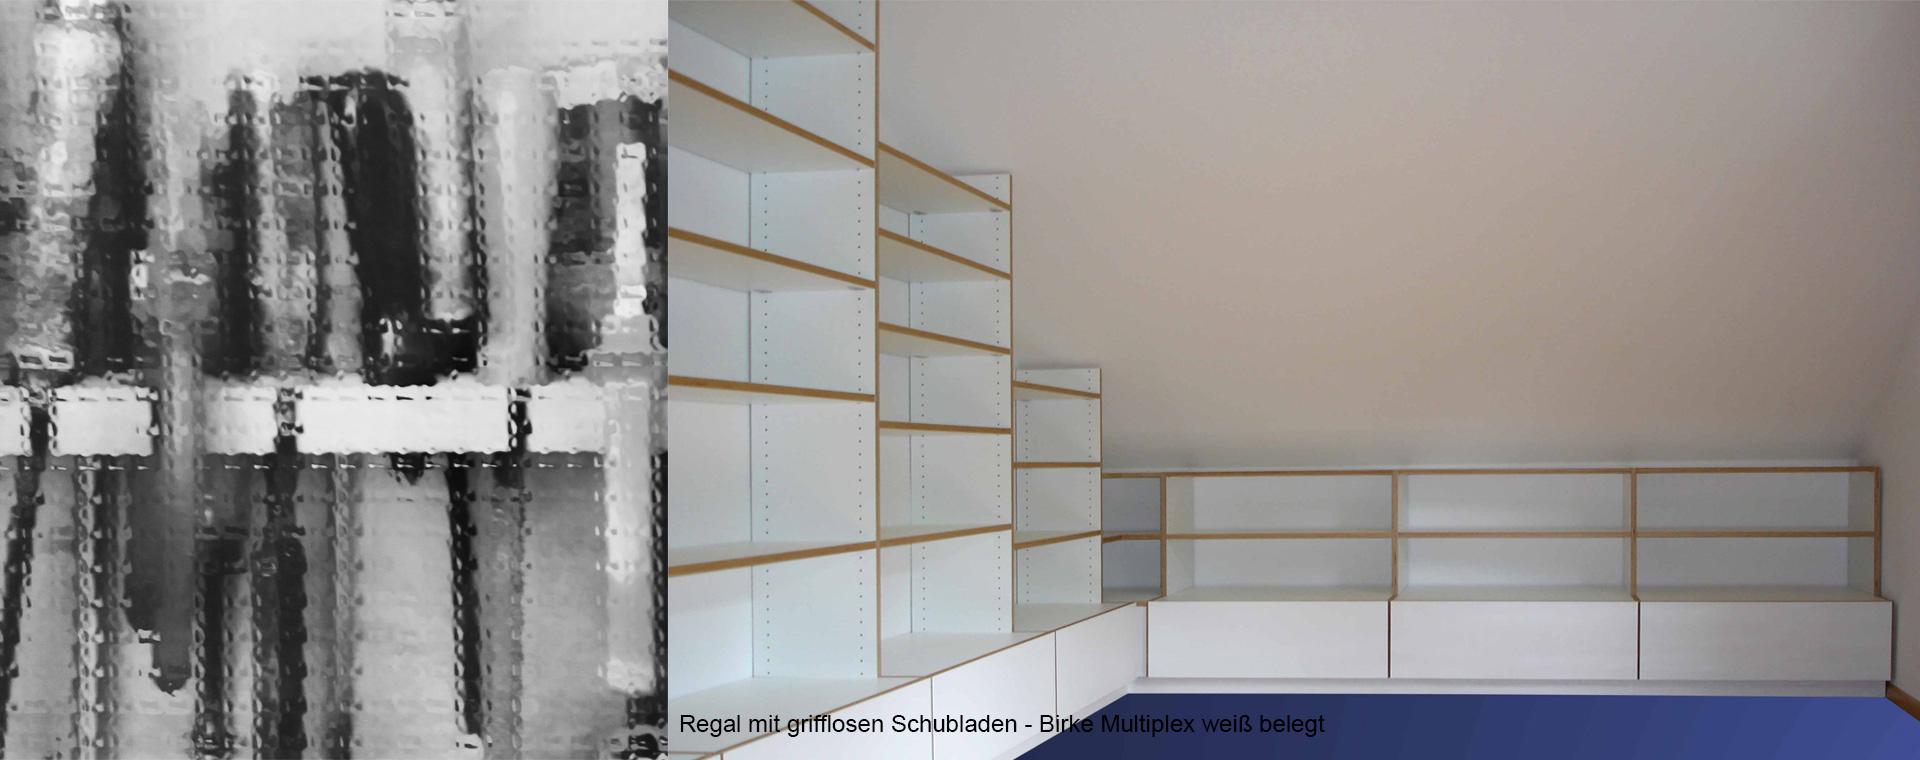 Regal ums Eck in Multiplex weiss vom Holzwurm bei Freiburg